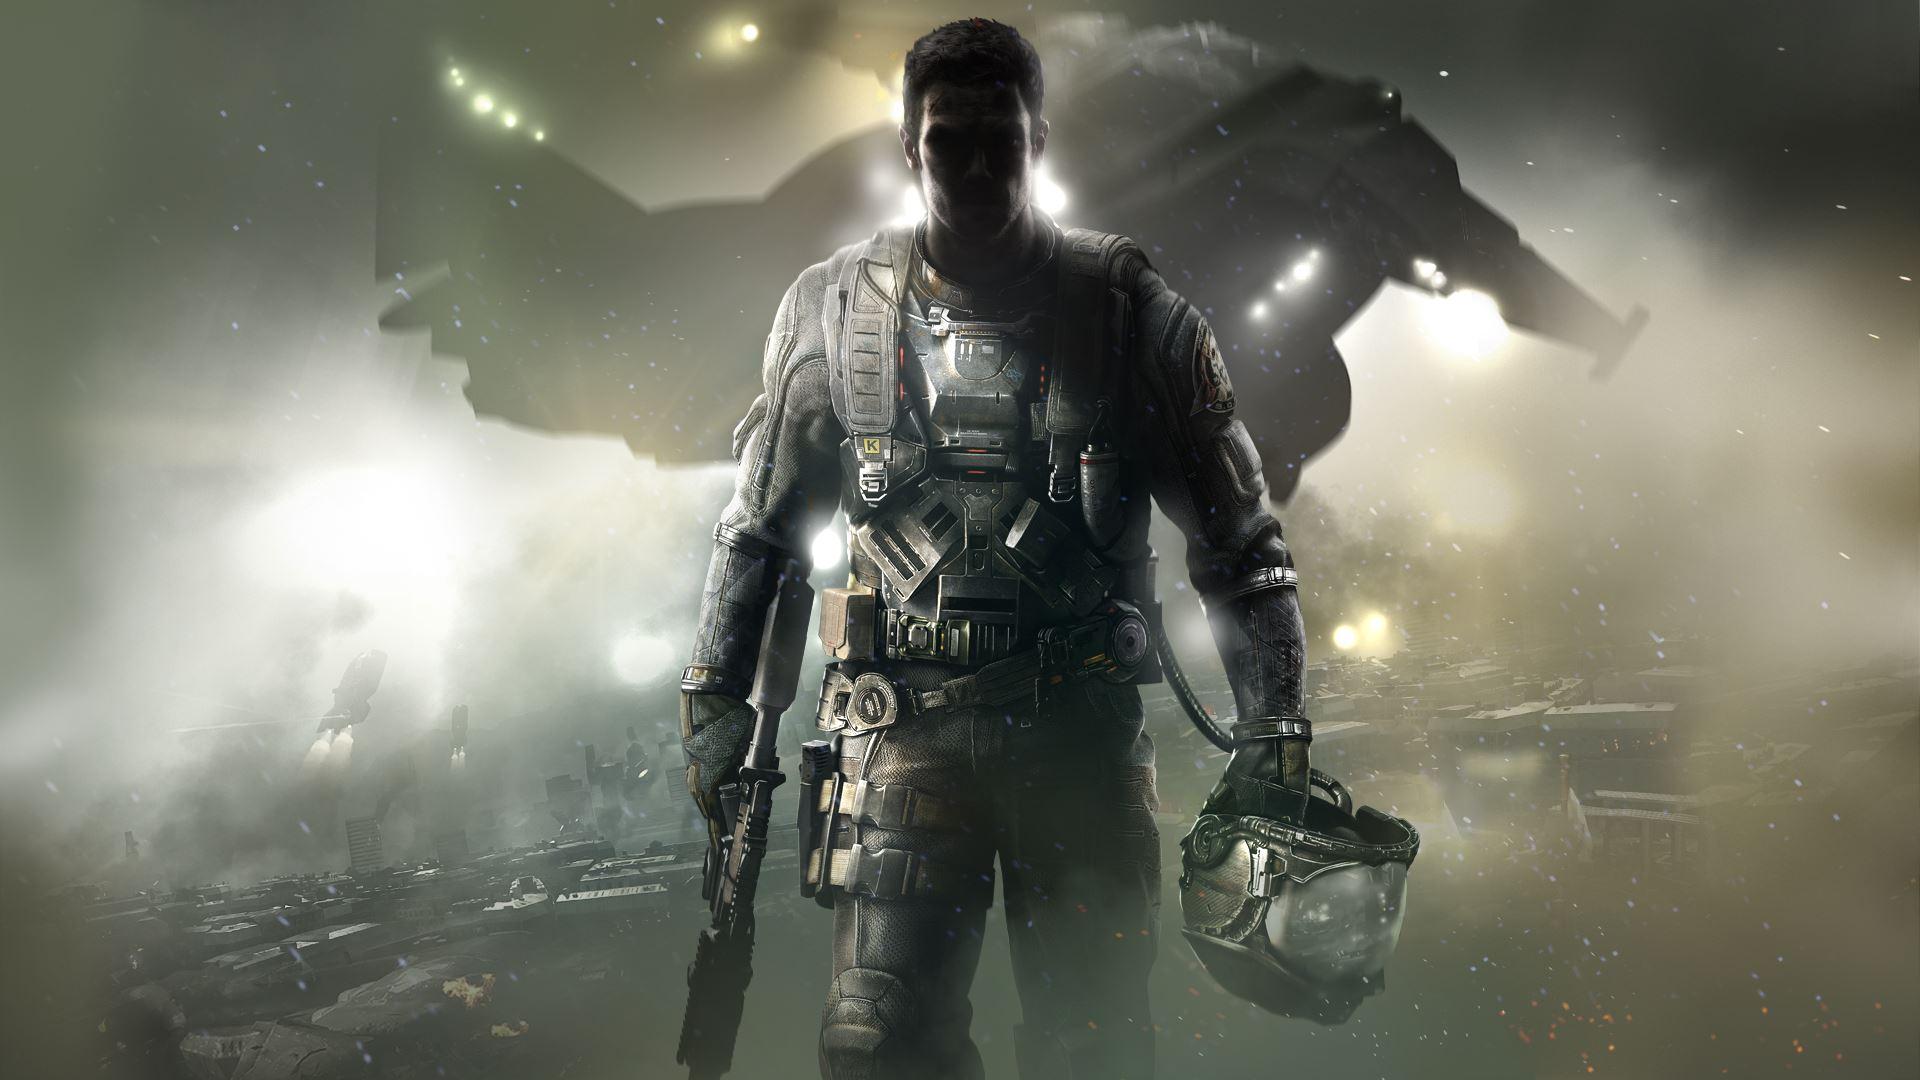 Обзор CoD: Infinite Warfare, что радует и от чего «бомбит»